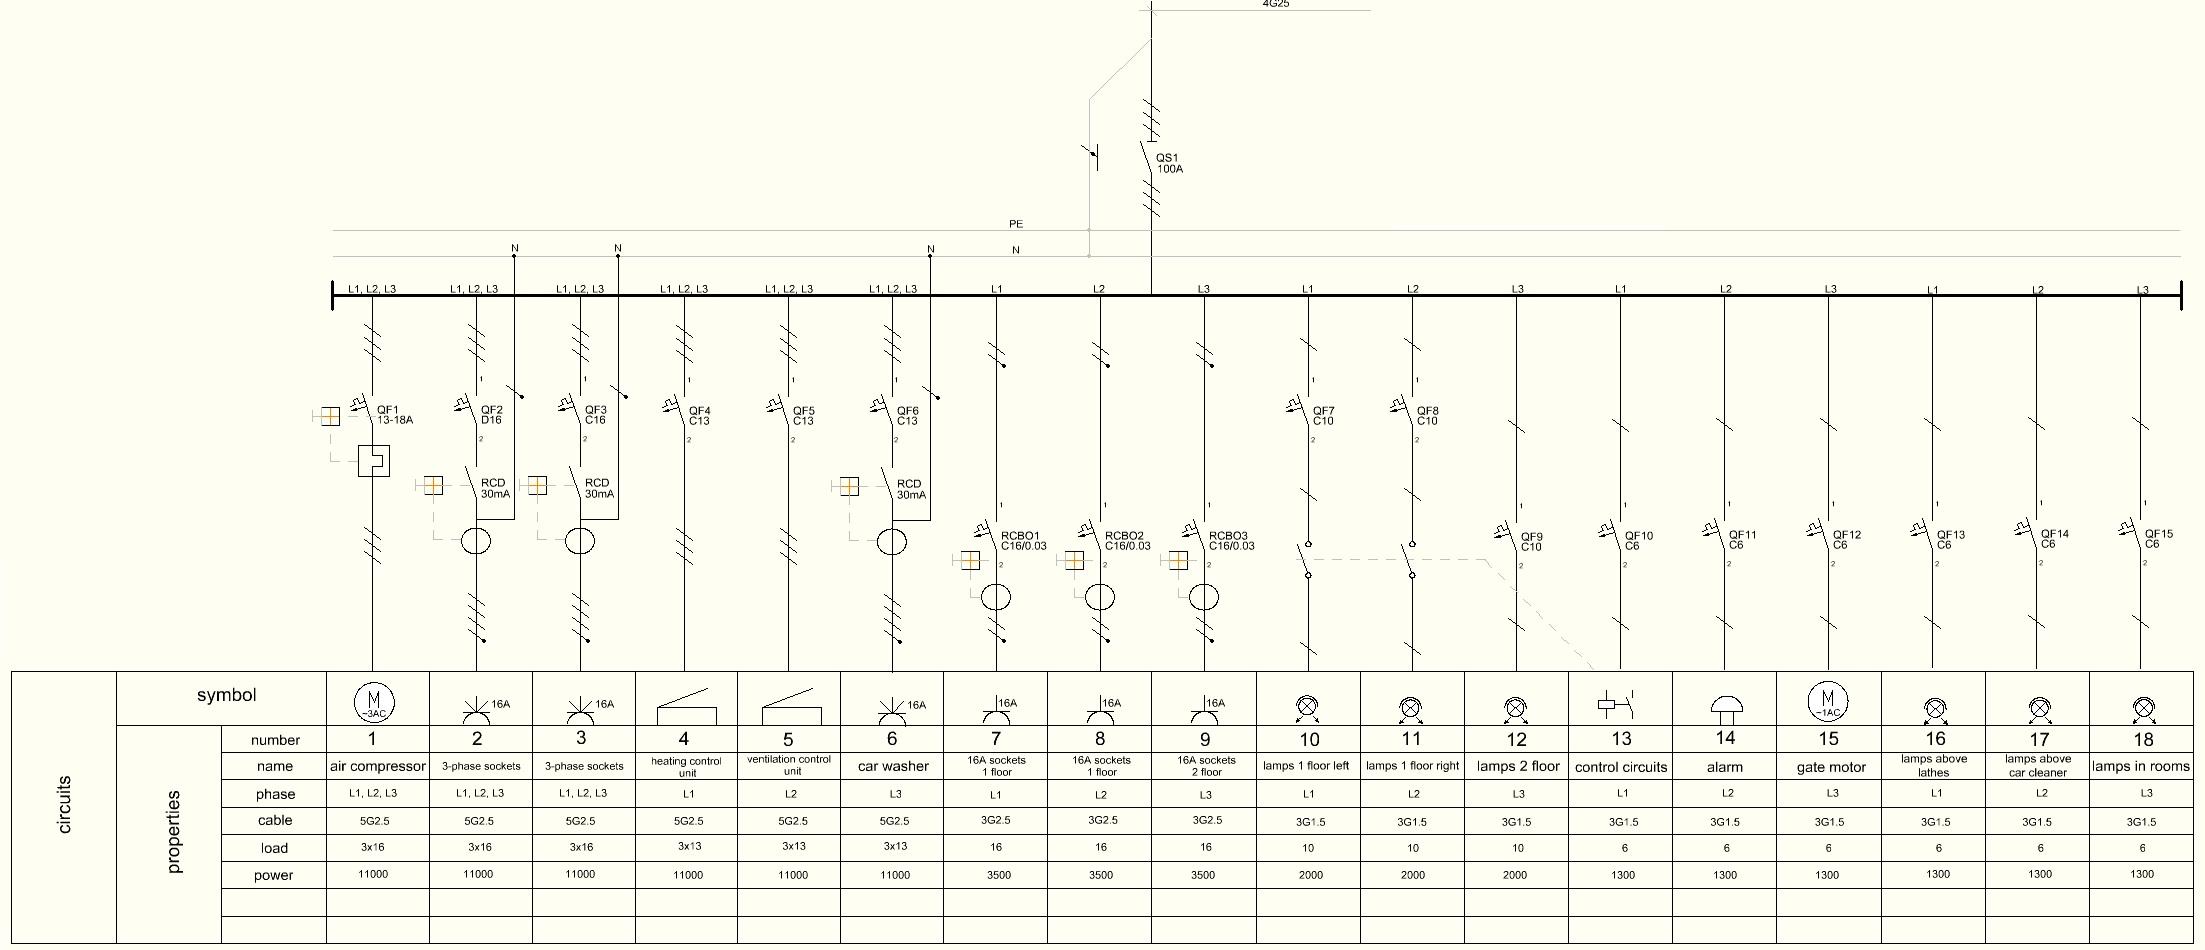 Fileplasti 16 Wiring Diagram Wikimedia Commons L1 L2